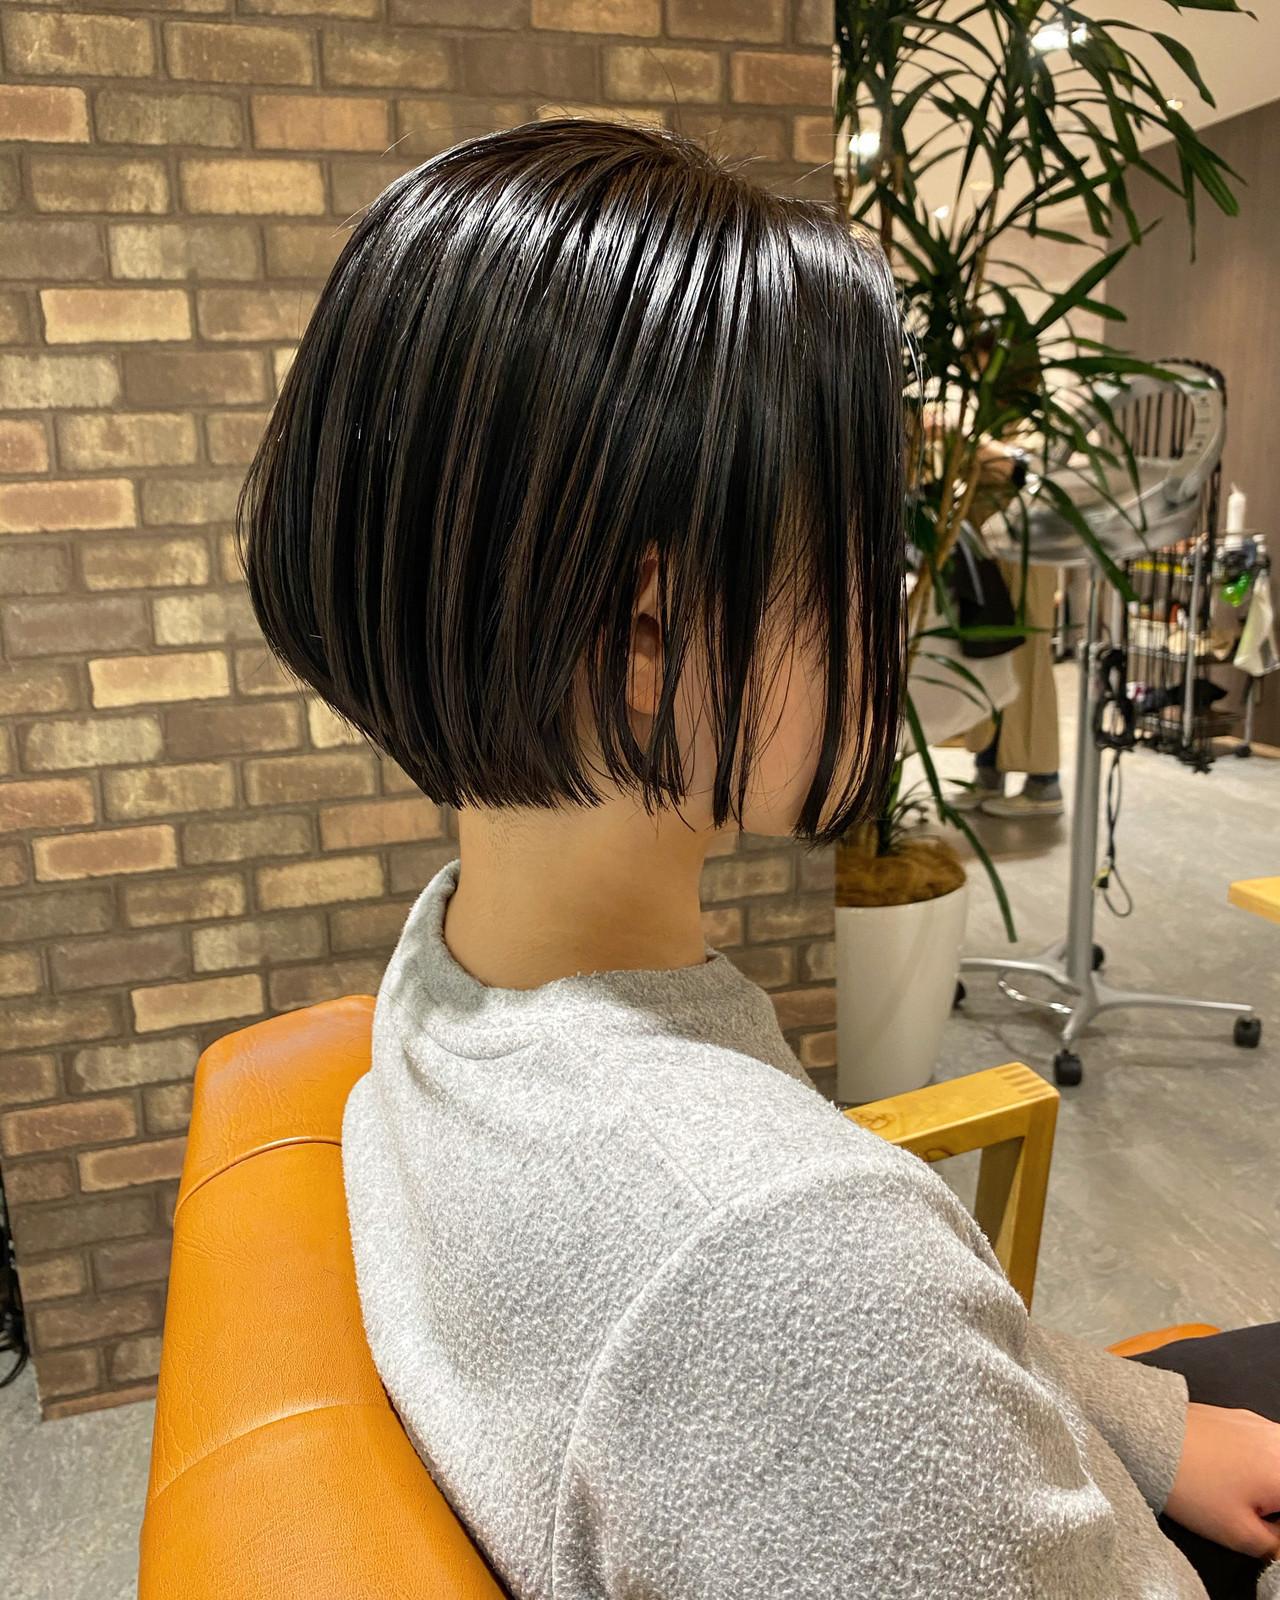 ショートボブ ナチュラル ボブヘアー ショートヘア ヘアスタイルや髪型の写真・画像